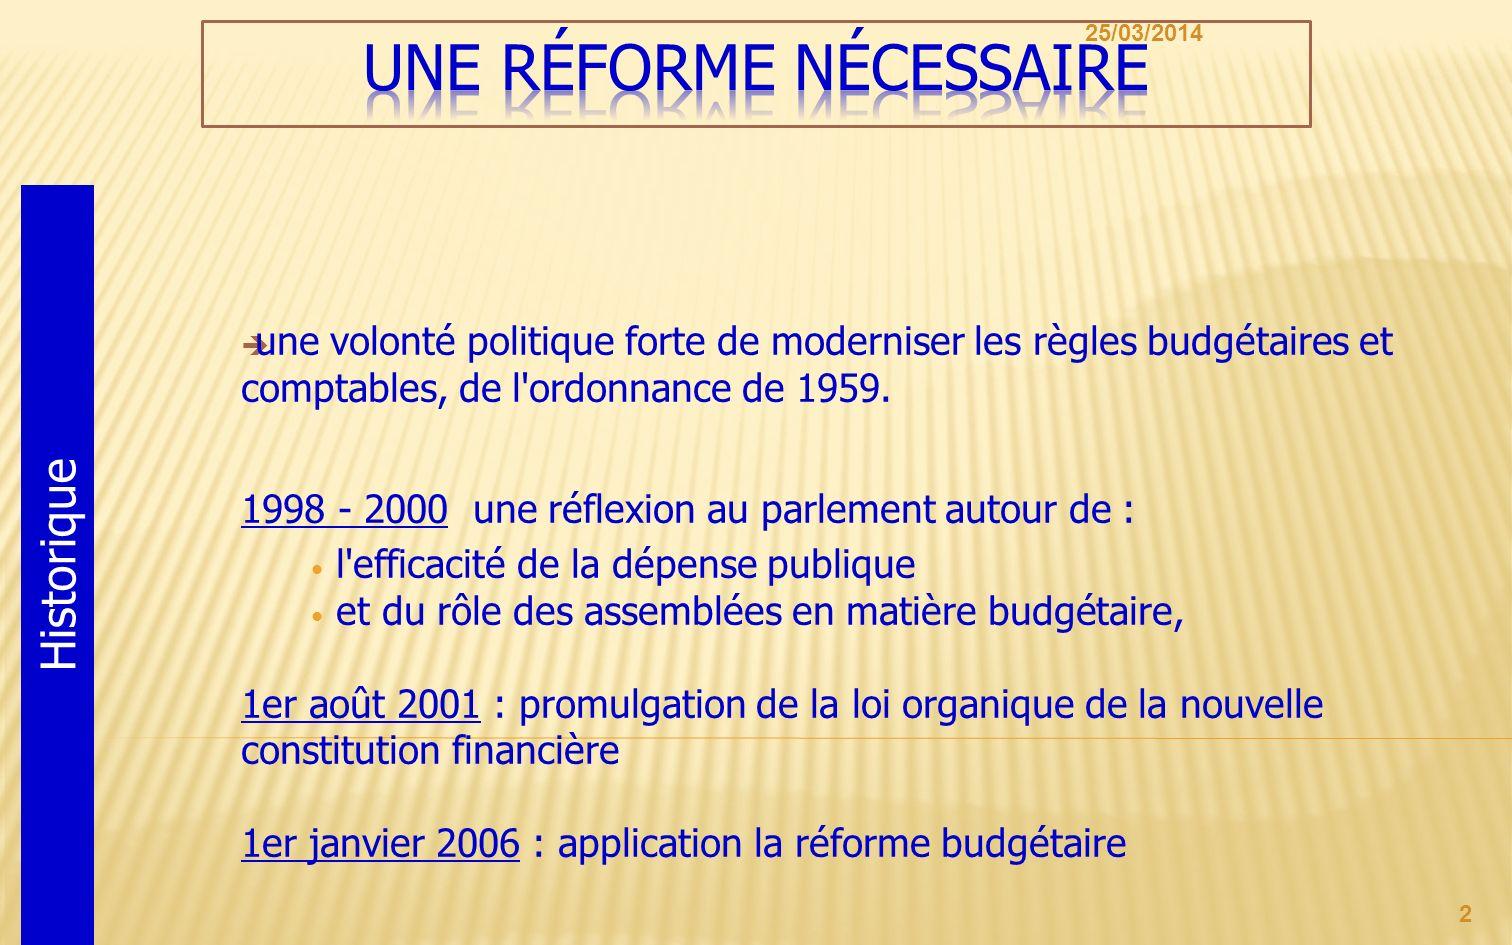 Une réforme nécessaire